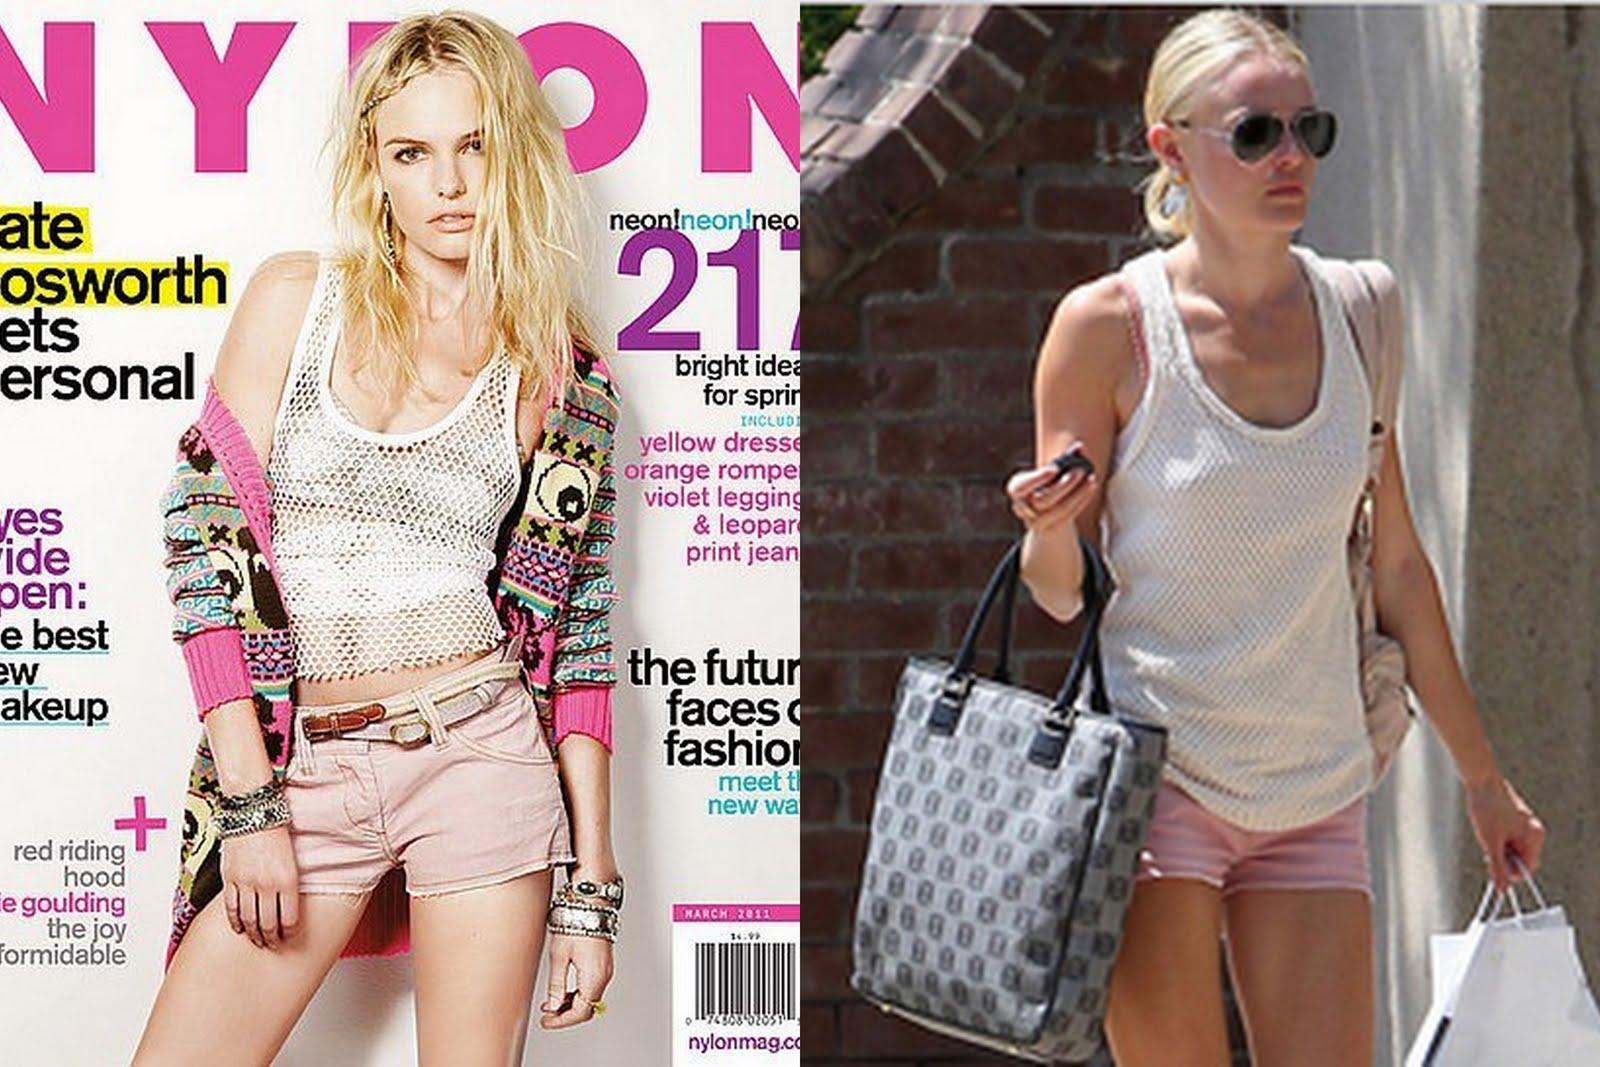 http://3.bp.blogspot.com/-RtdwbjVqLH0/T2pxlEoDYnI/AAAAAAAAIxk/7_wfDiY6w9U/s1600/pink-jeans-kate+bosworth.jpg